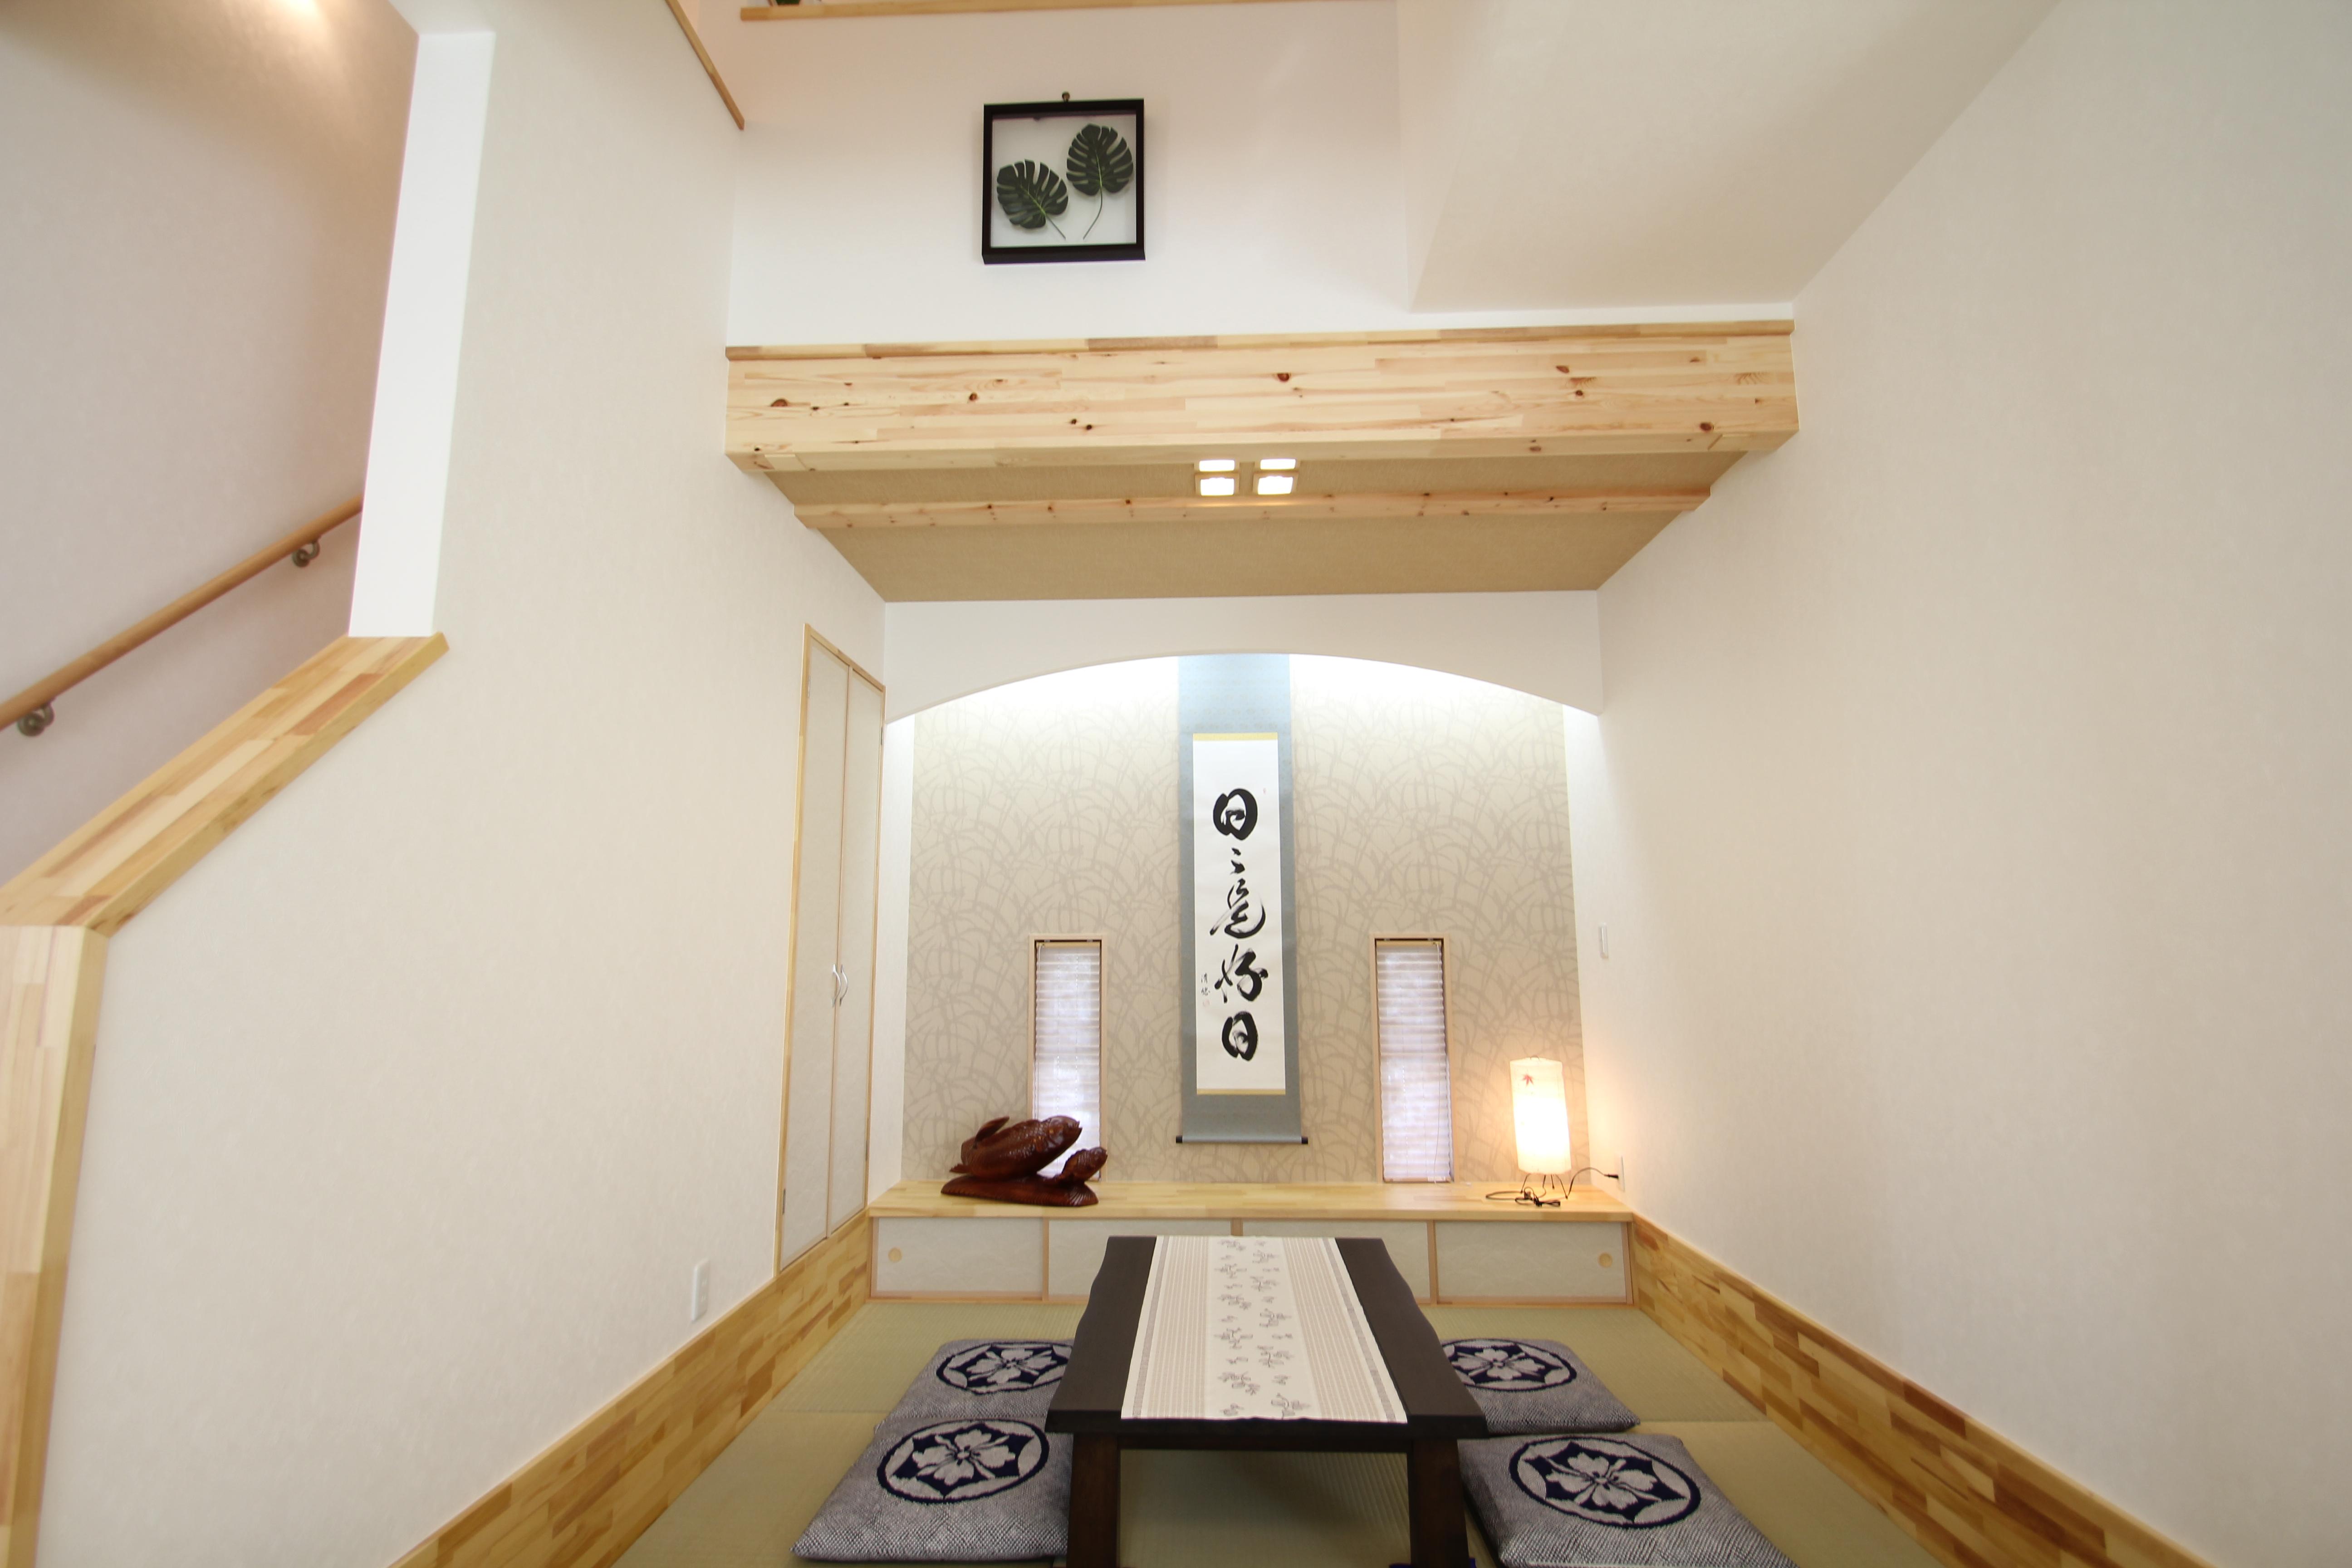 和室:リビングより一段(30cm)下がりの和室となります。正面には飾り棚を設けています